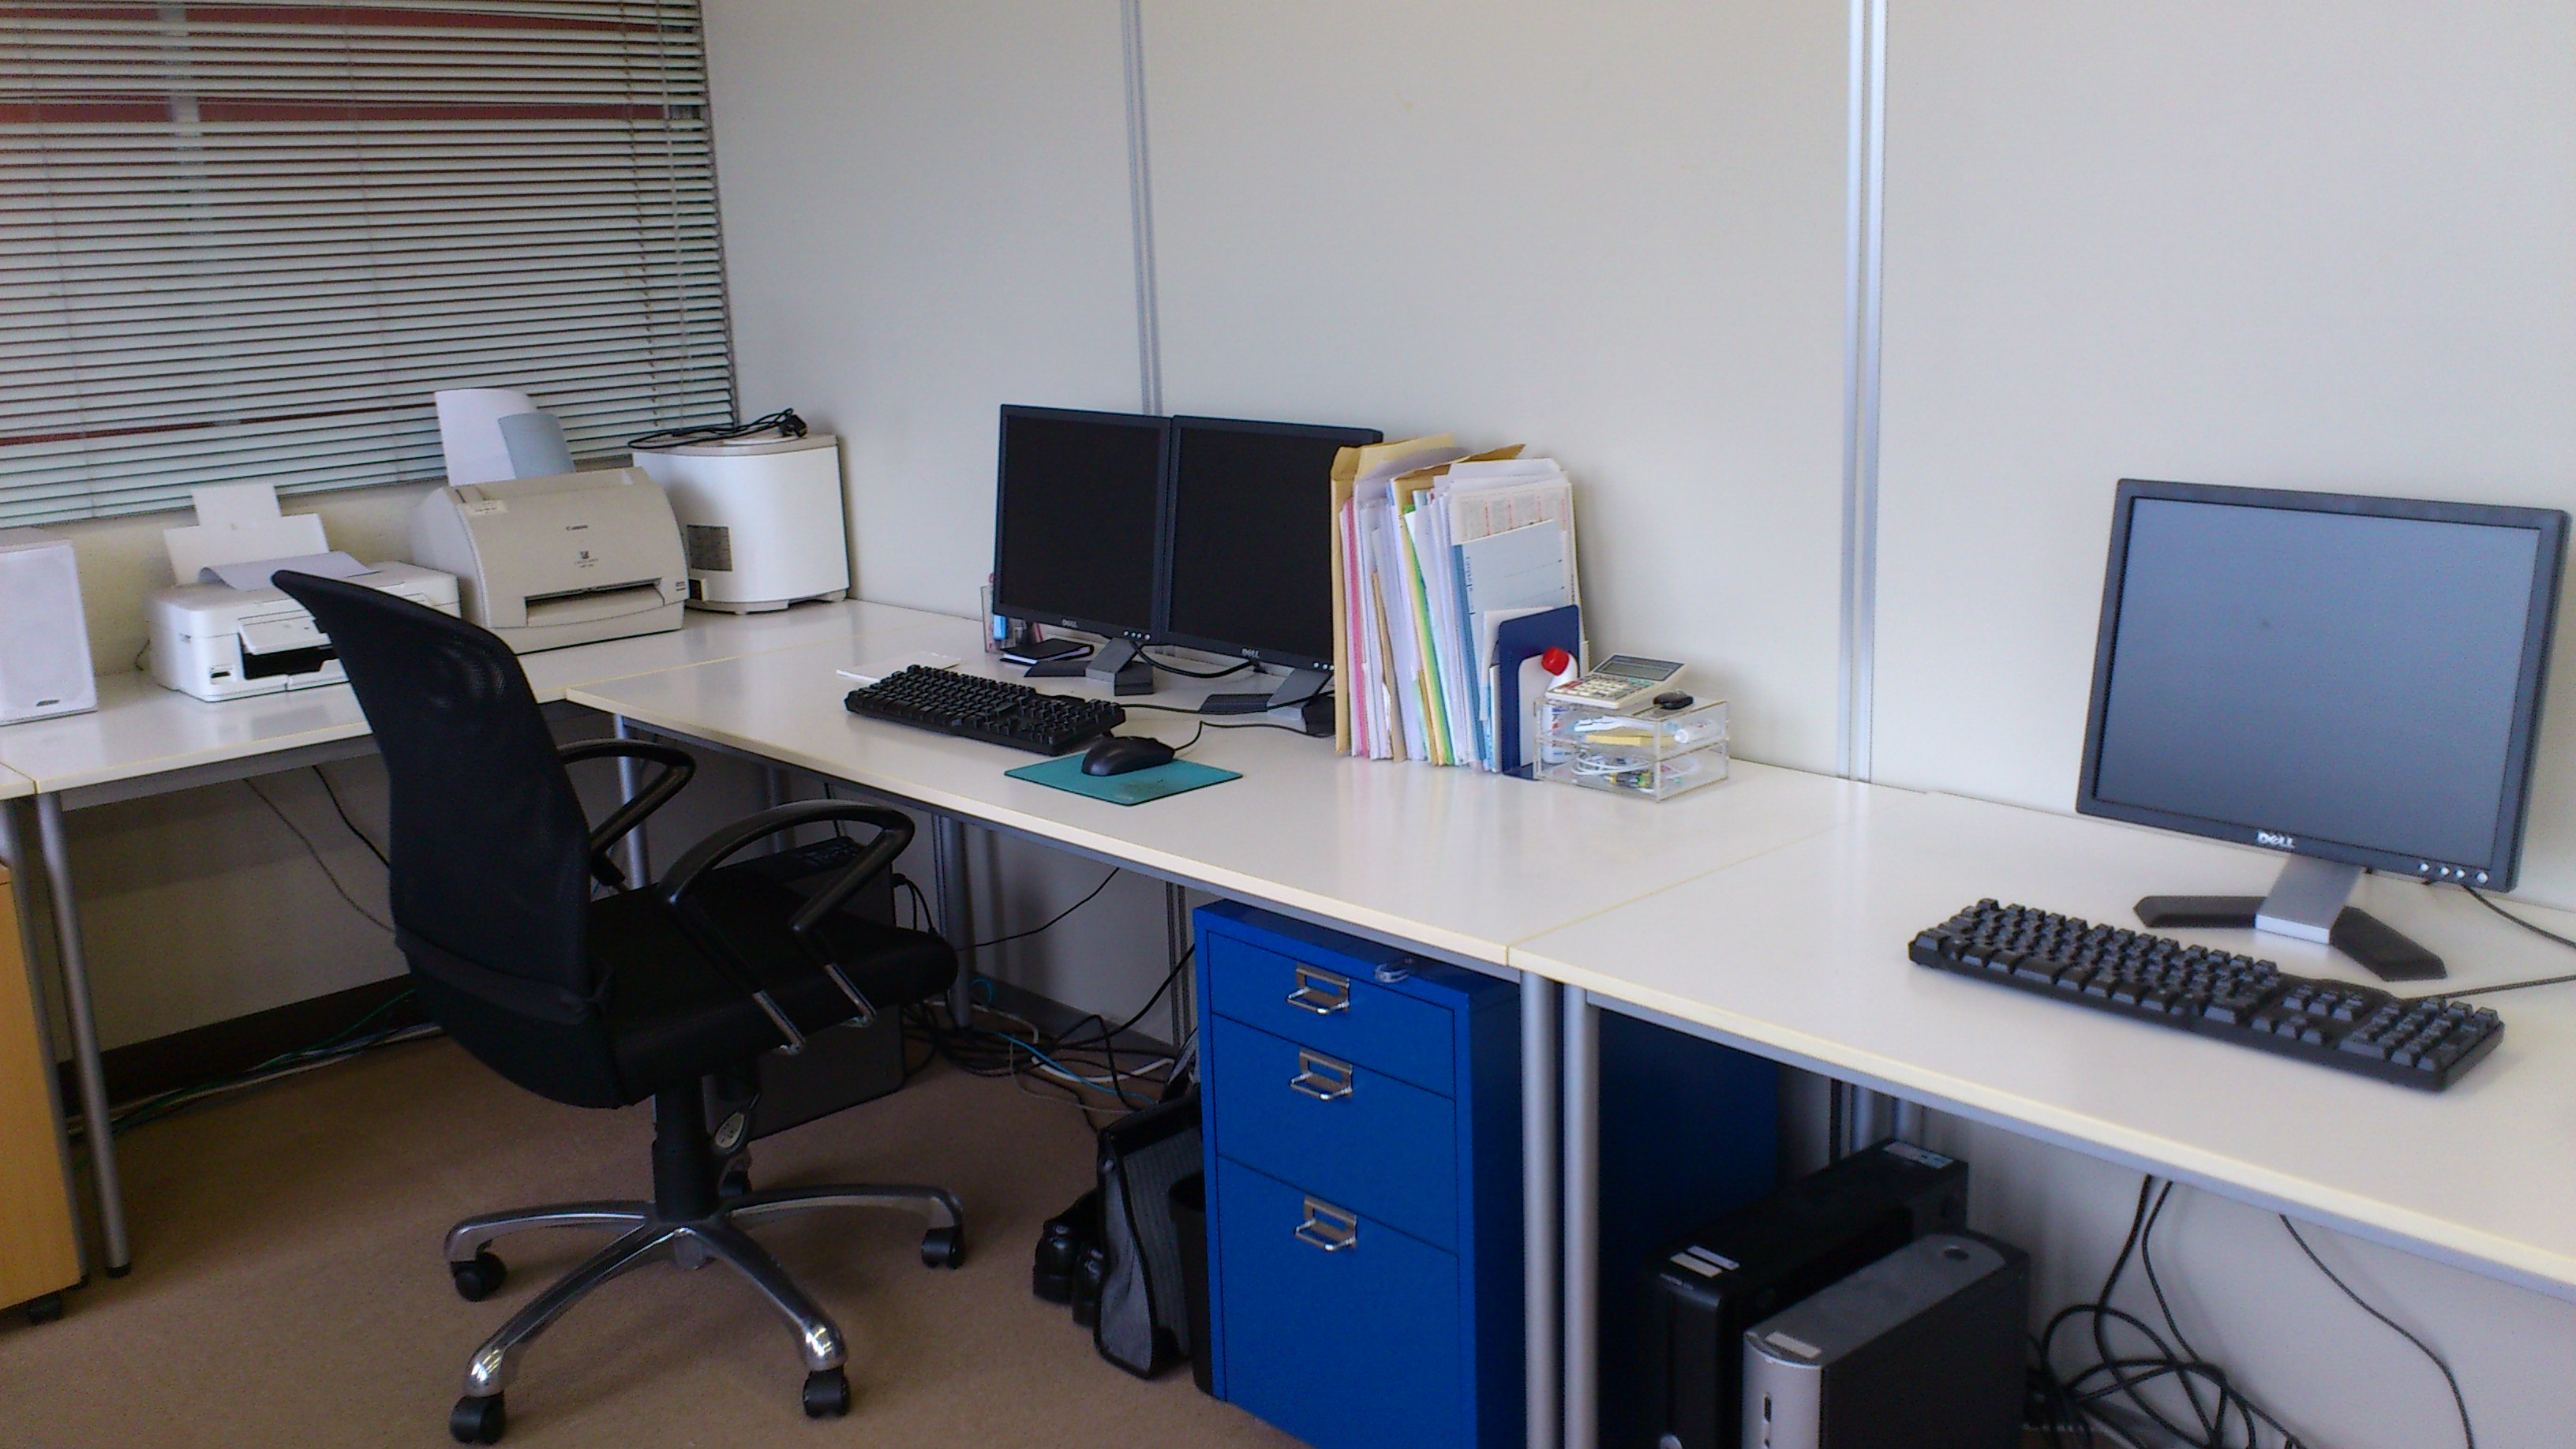 http://nagai.weblog.ne.jp/DSC_0337.JPG